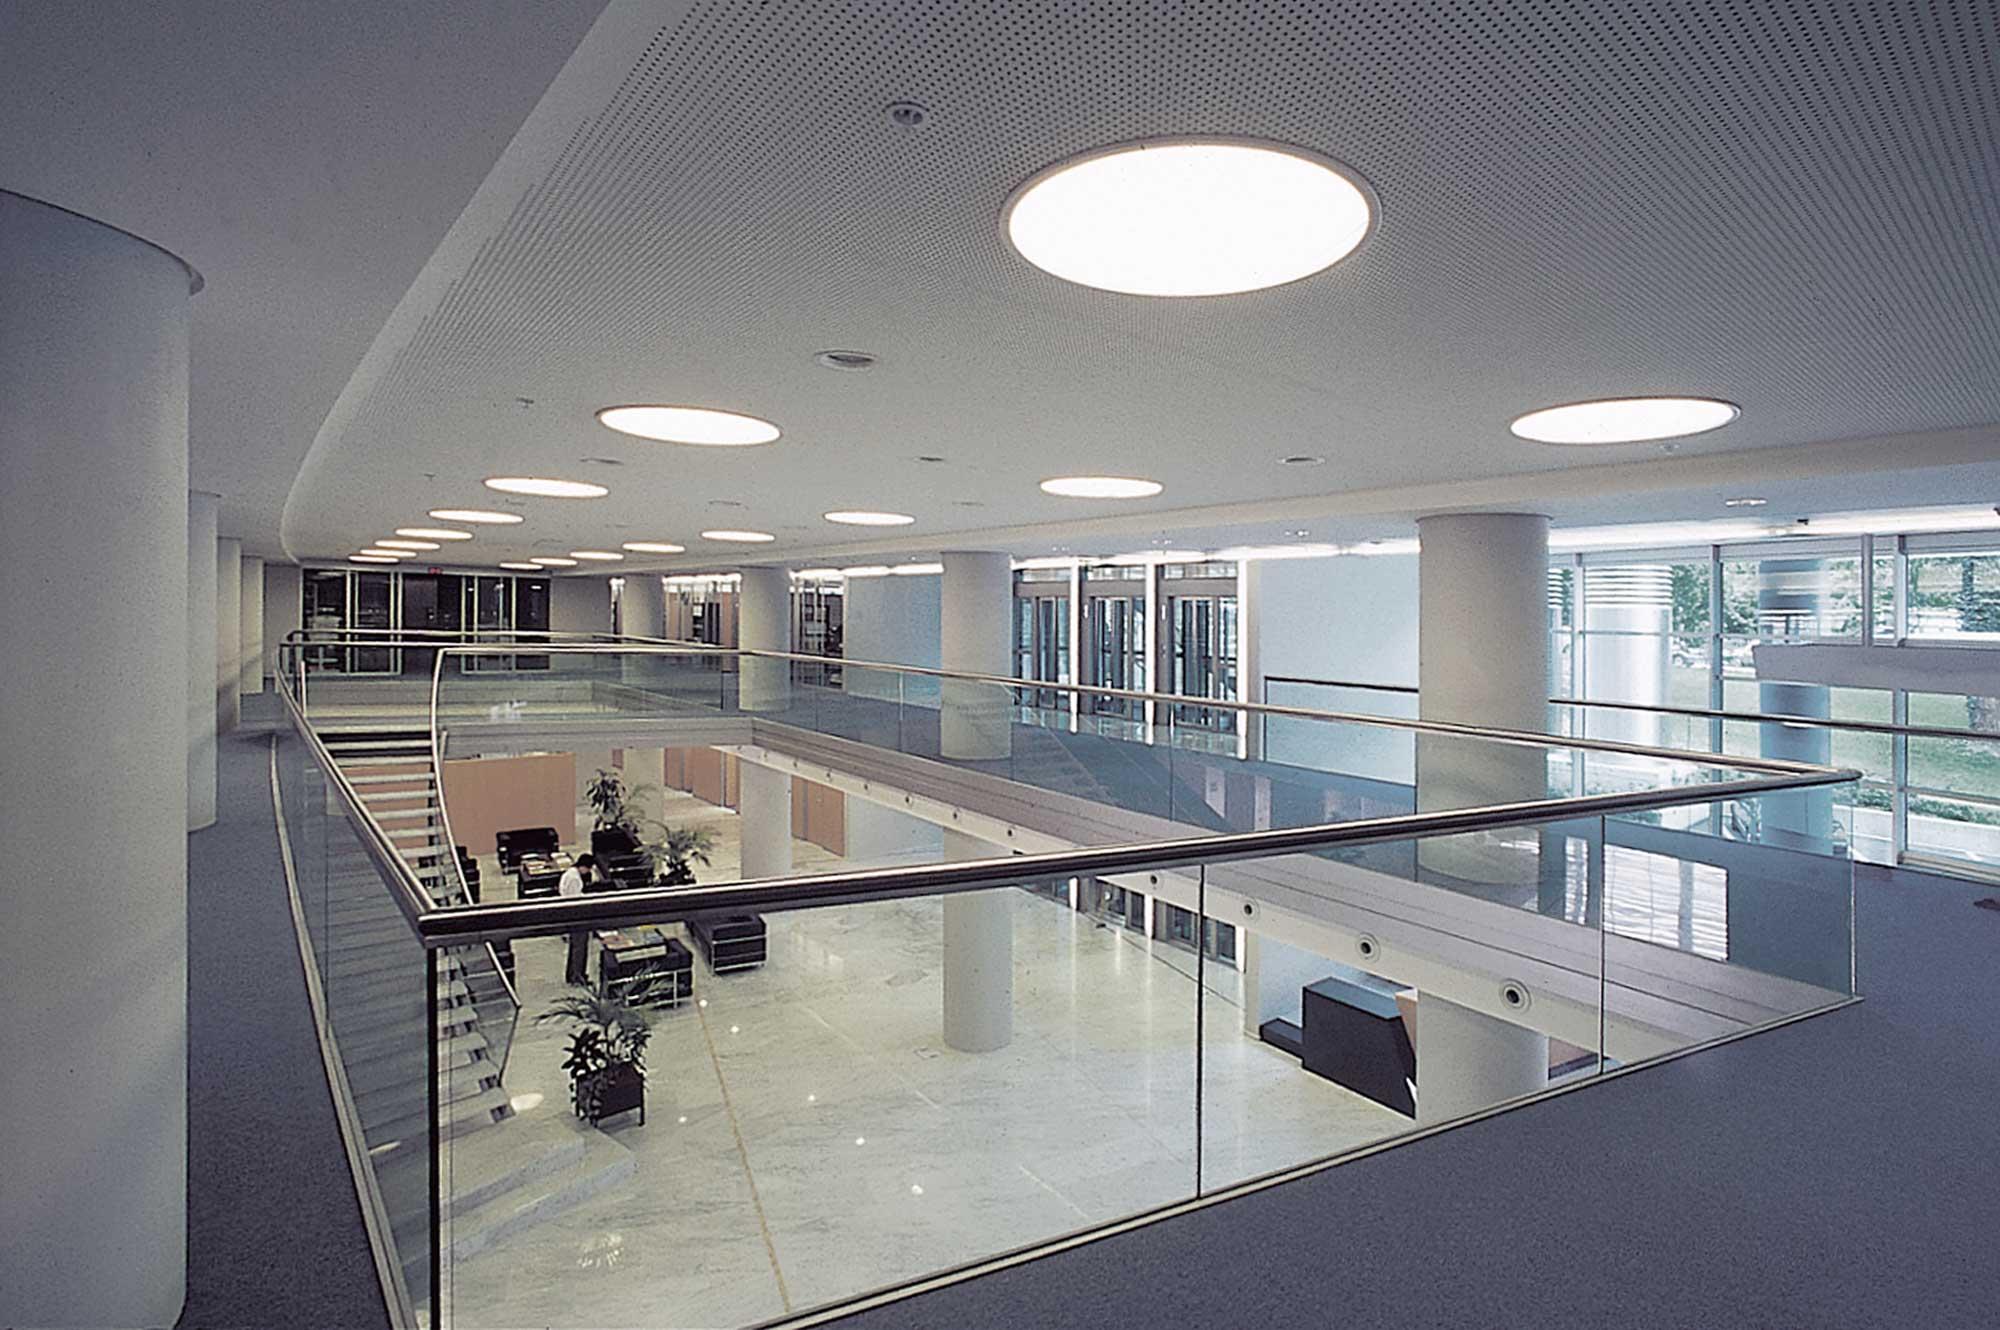 Le verre est utilisé pour les cloisons intérieures, et les parois des ascenseurs  pour limiter l'emploi de la lumière artificielle.